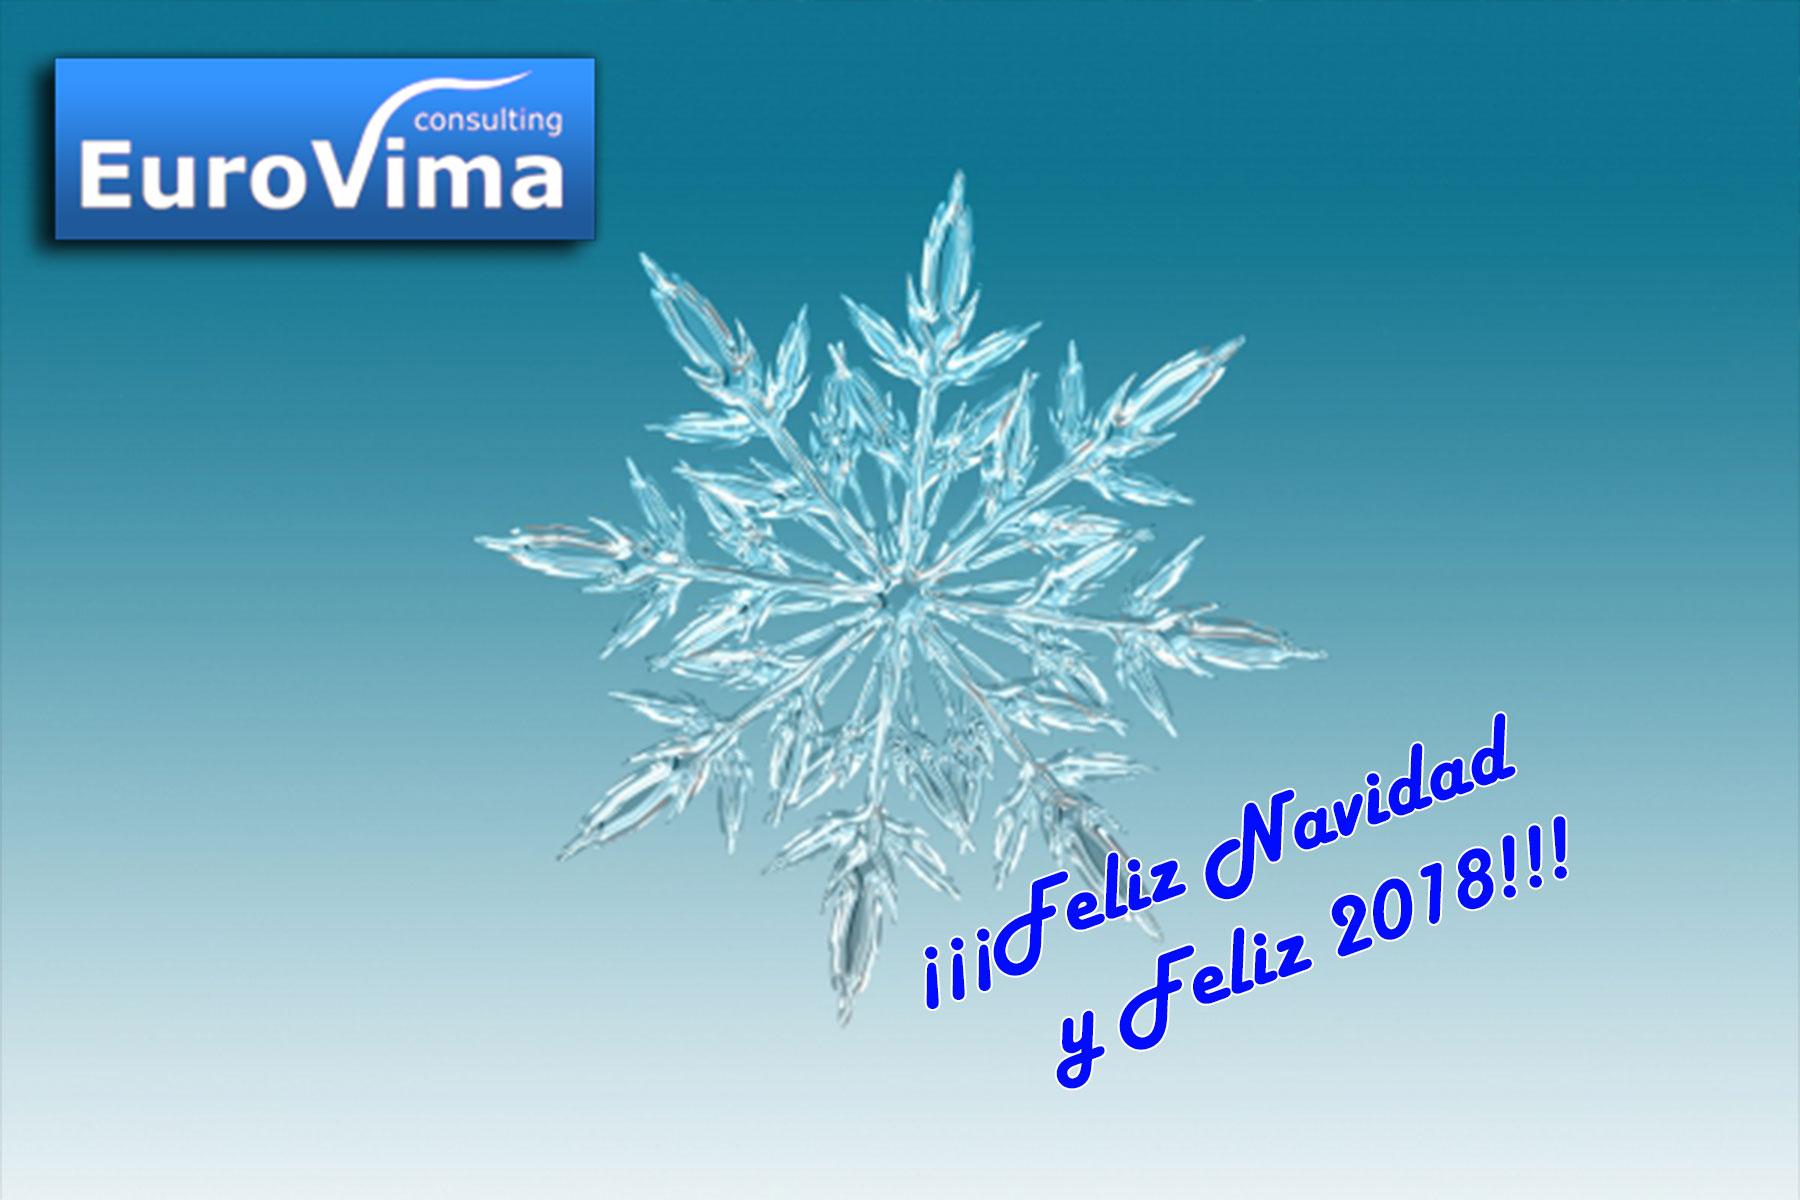 Otro año más, desearos Feliz Navidad y Feliz Privacidad 2018 | Eurovima Consulting S,L.